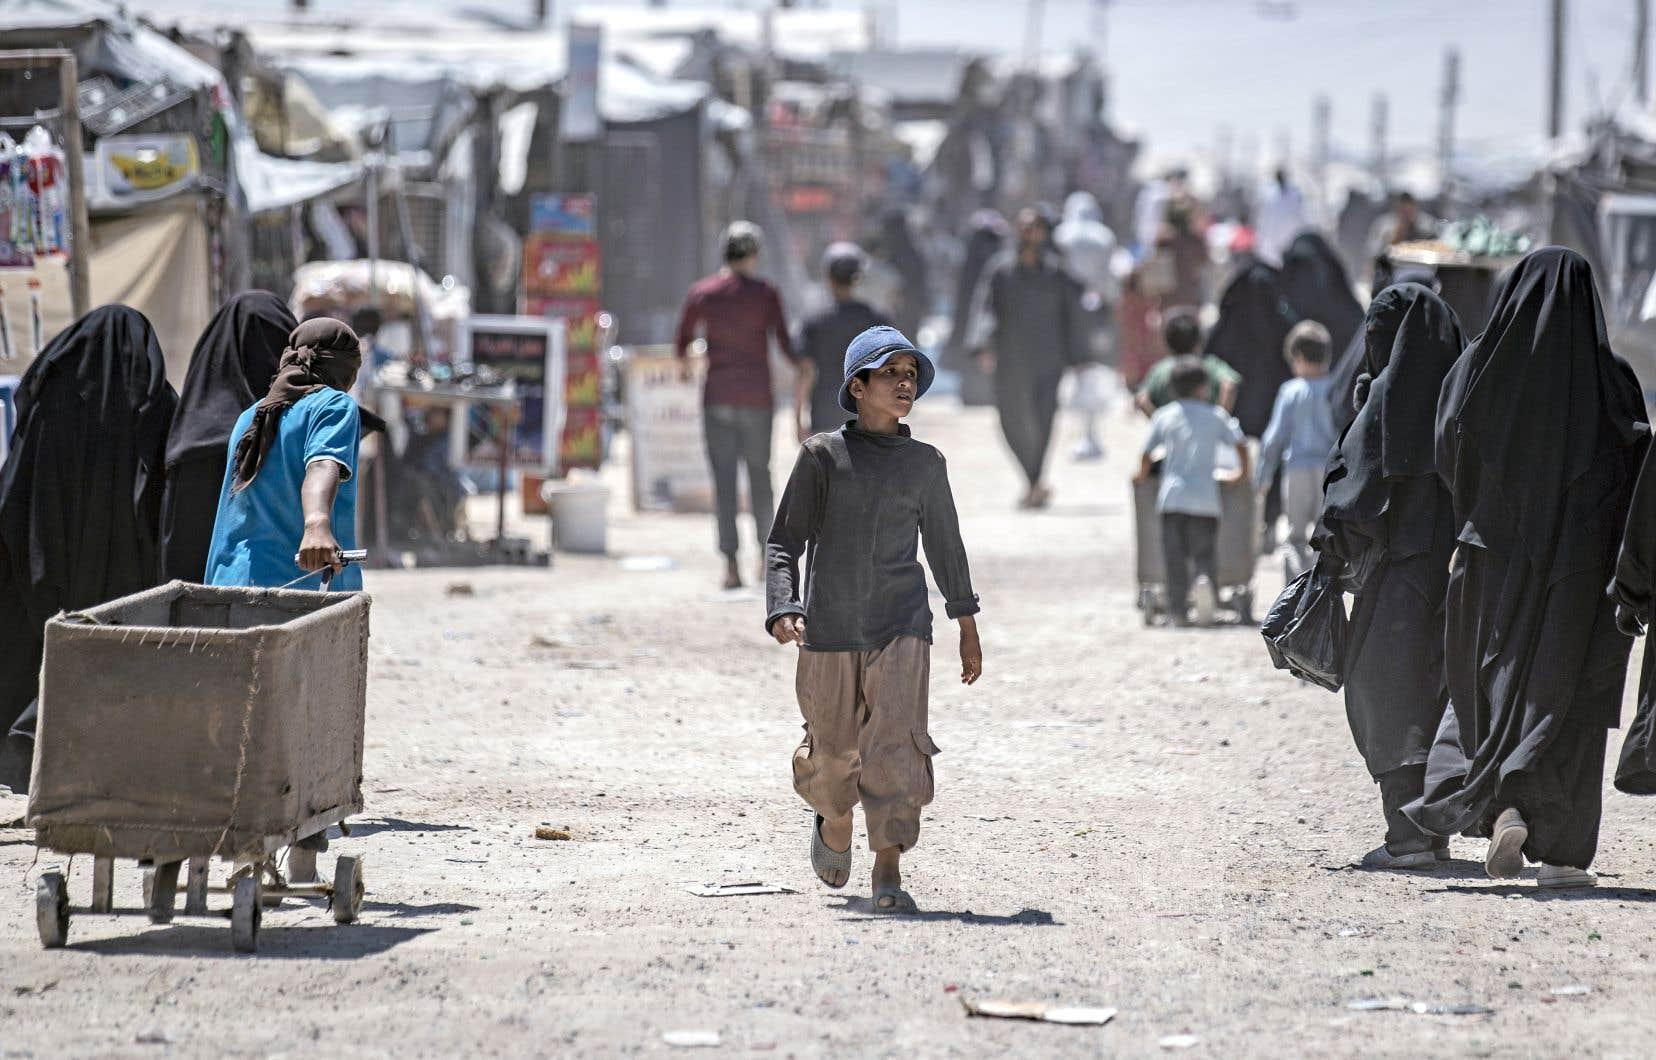 «Les camps de déplacés sont surpeuplés et beaucoup de gens sont obligés de s'installer en plein air, a précisé le Bureau de coordination des affaires humanitaires de l'ONU. Environ les deux tiers des déplacés se trouvent à l'extérieur des camps.»